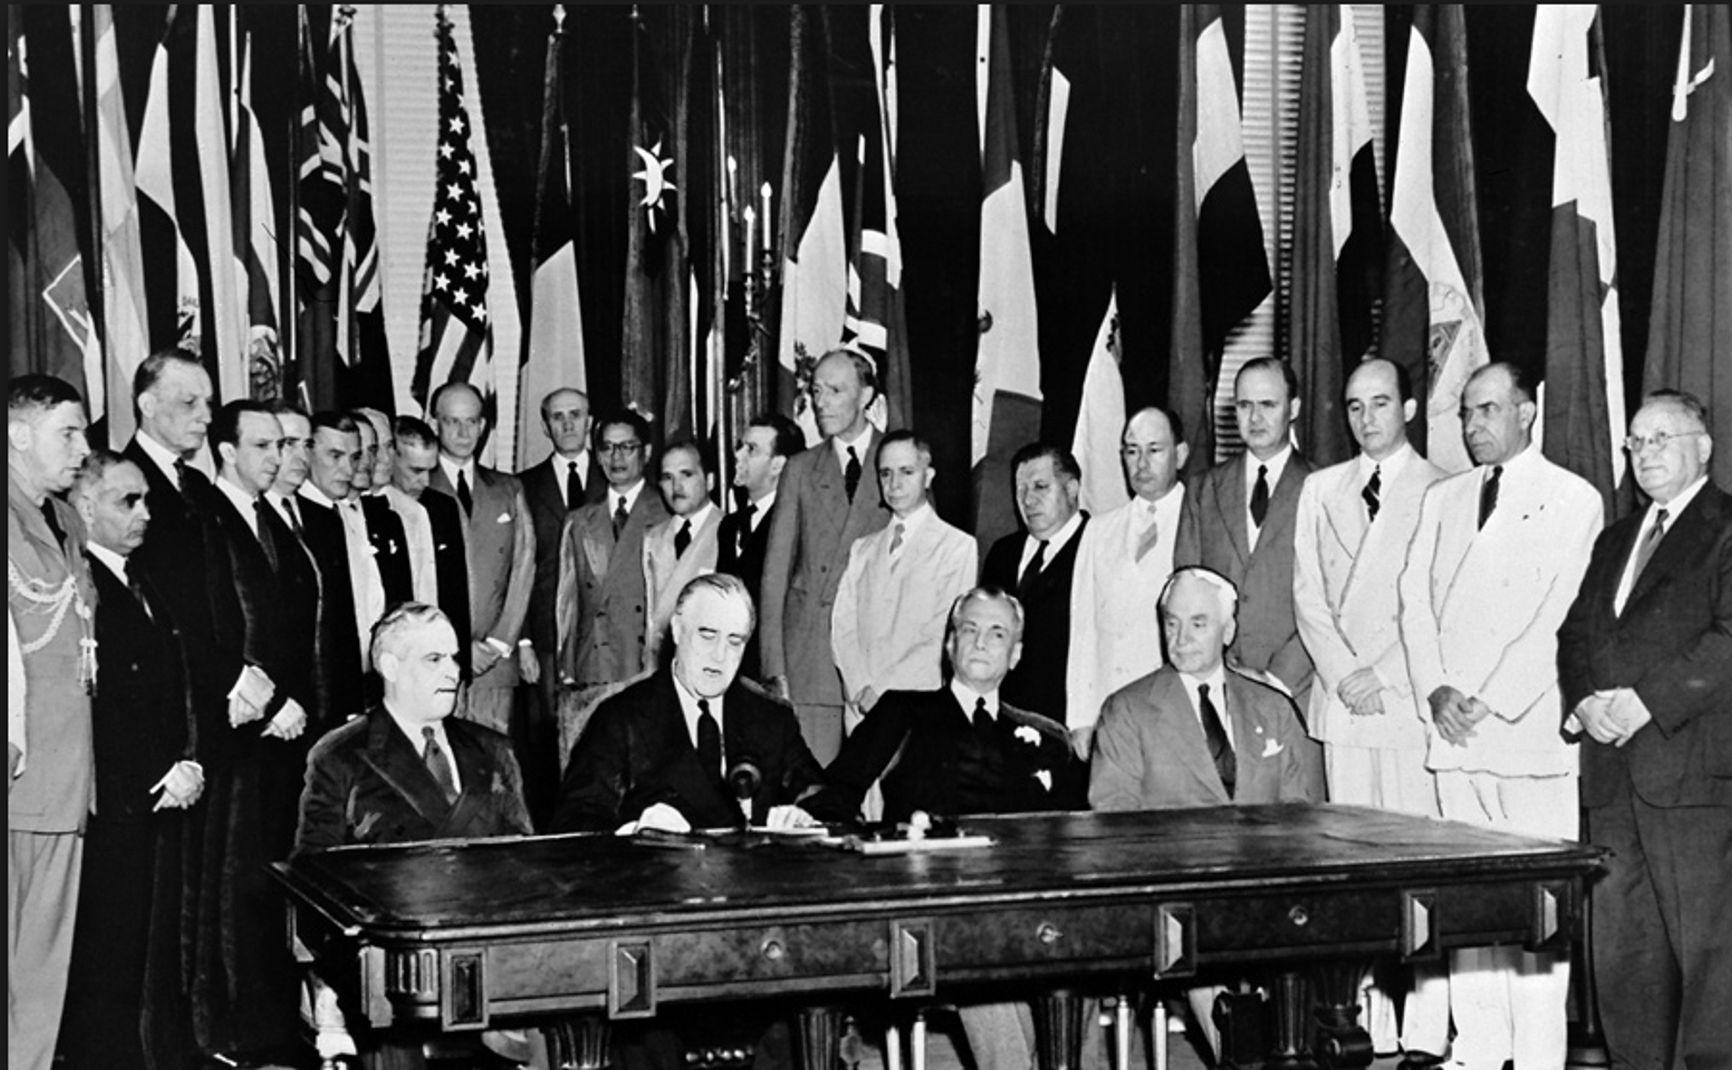 1943 г. Создание ФАО (Продовольственной и сельскохозяйственной организации Объединённых Наций)